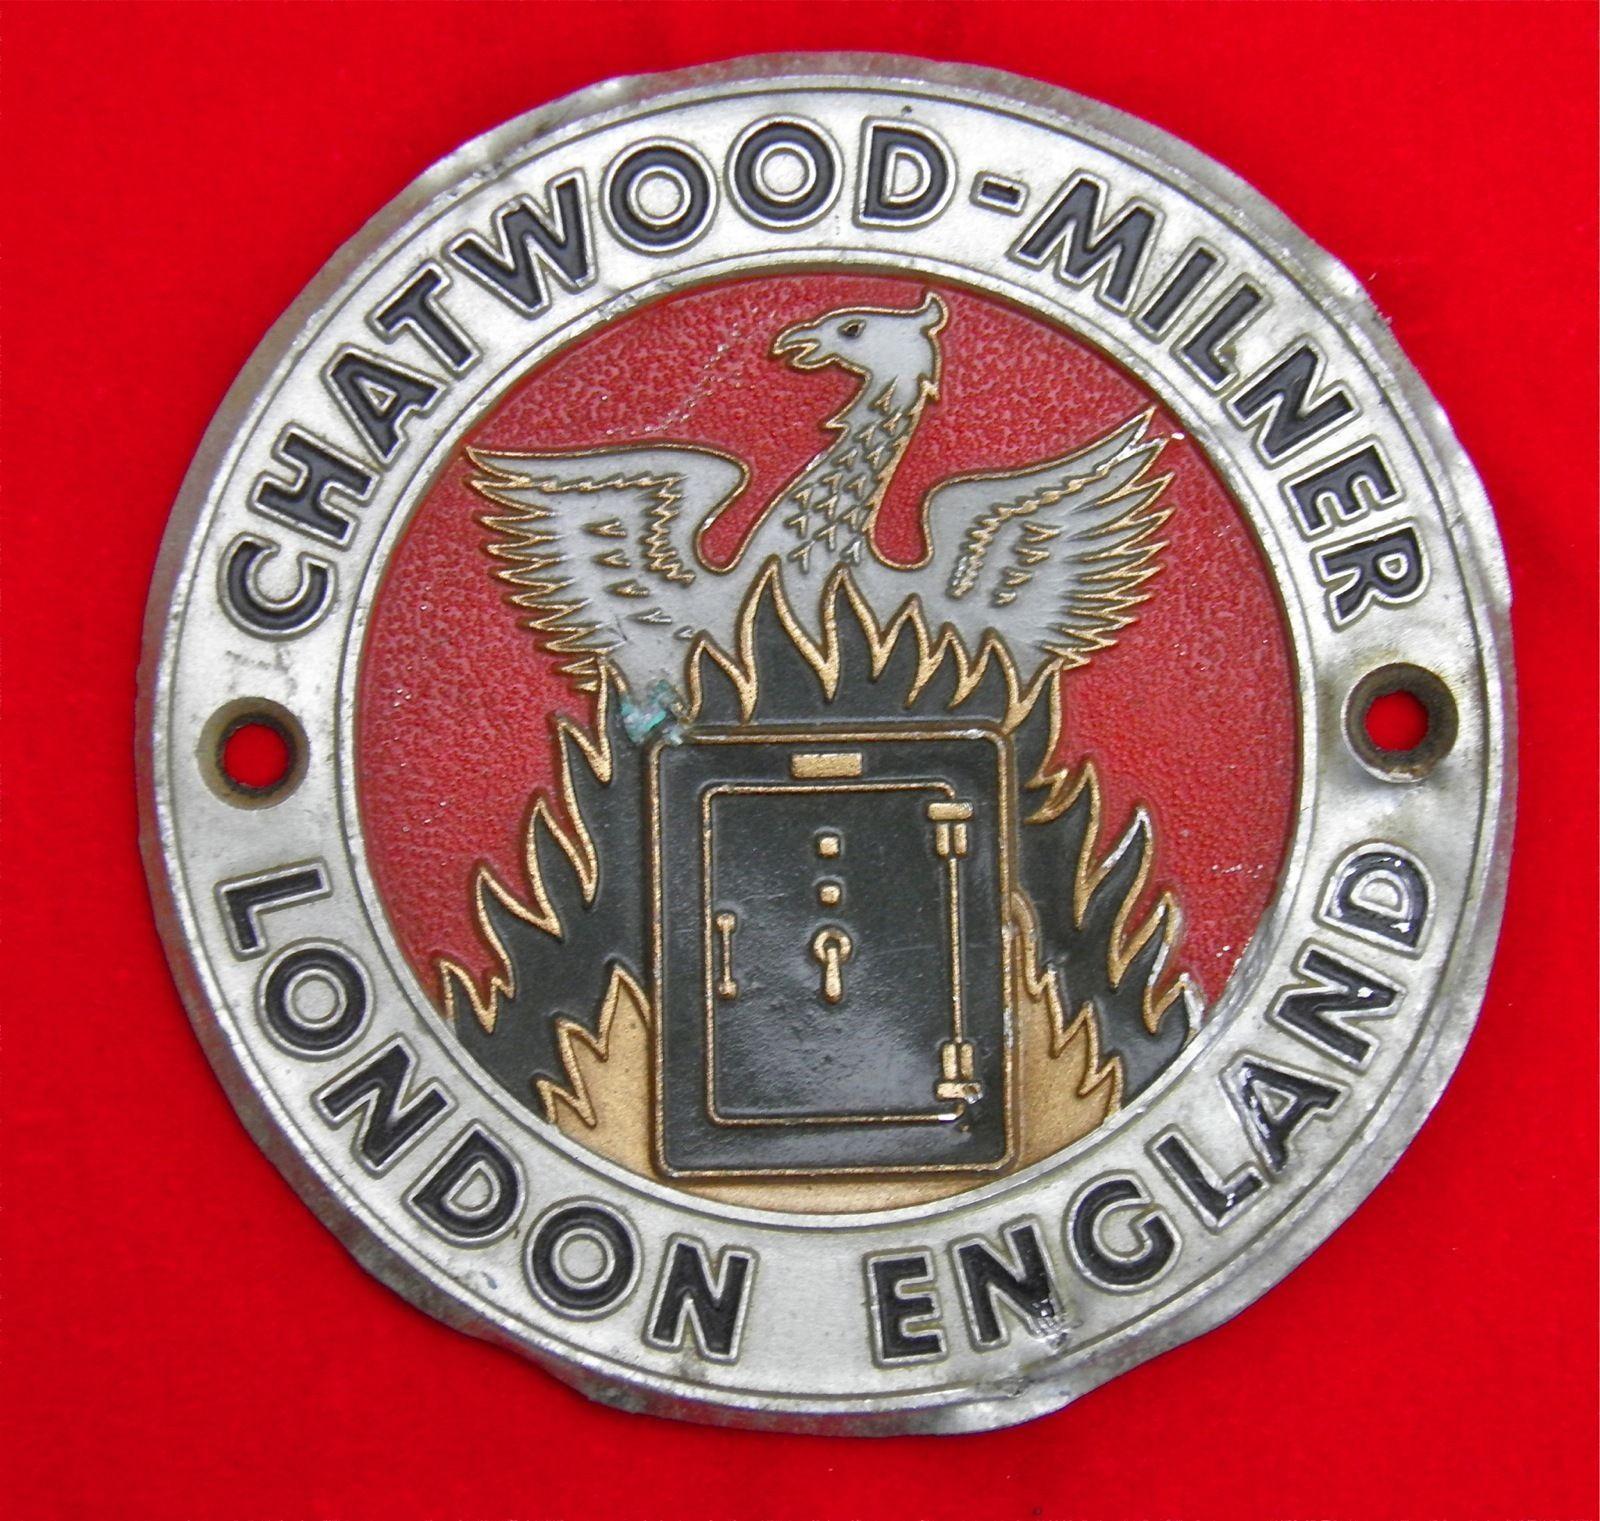 ORIGINAL VERY RARE VINTAGE CHATWOOD-MILNER LONDON SAFE PLATE